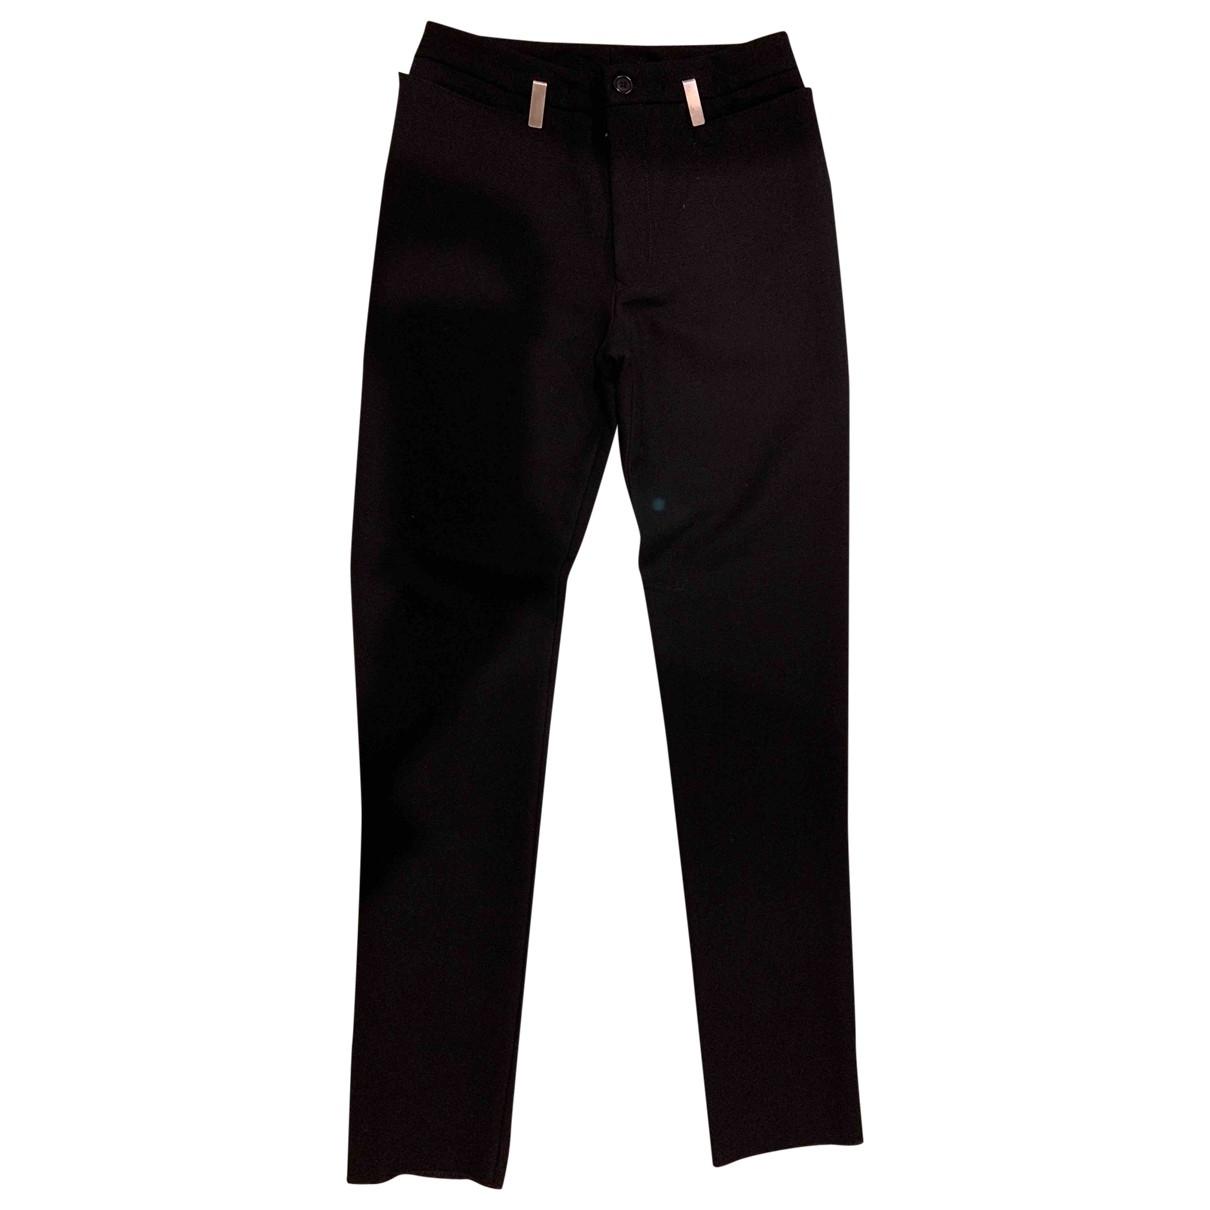 Dirk Bikkembergs - Pantalon   pour homme en laine - noir